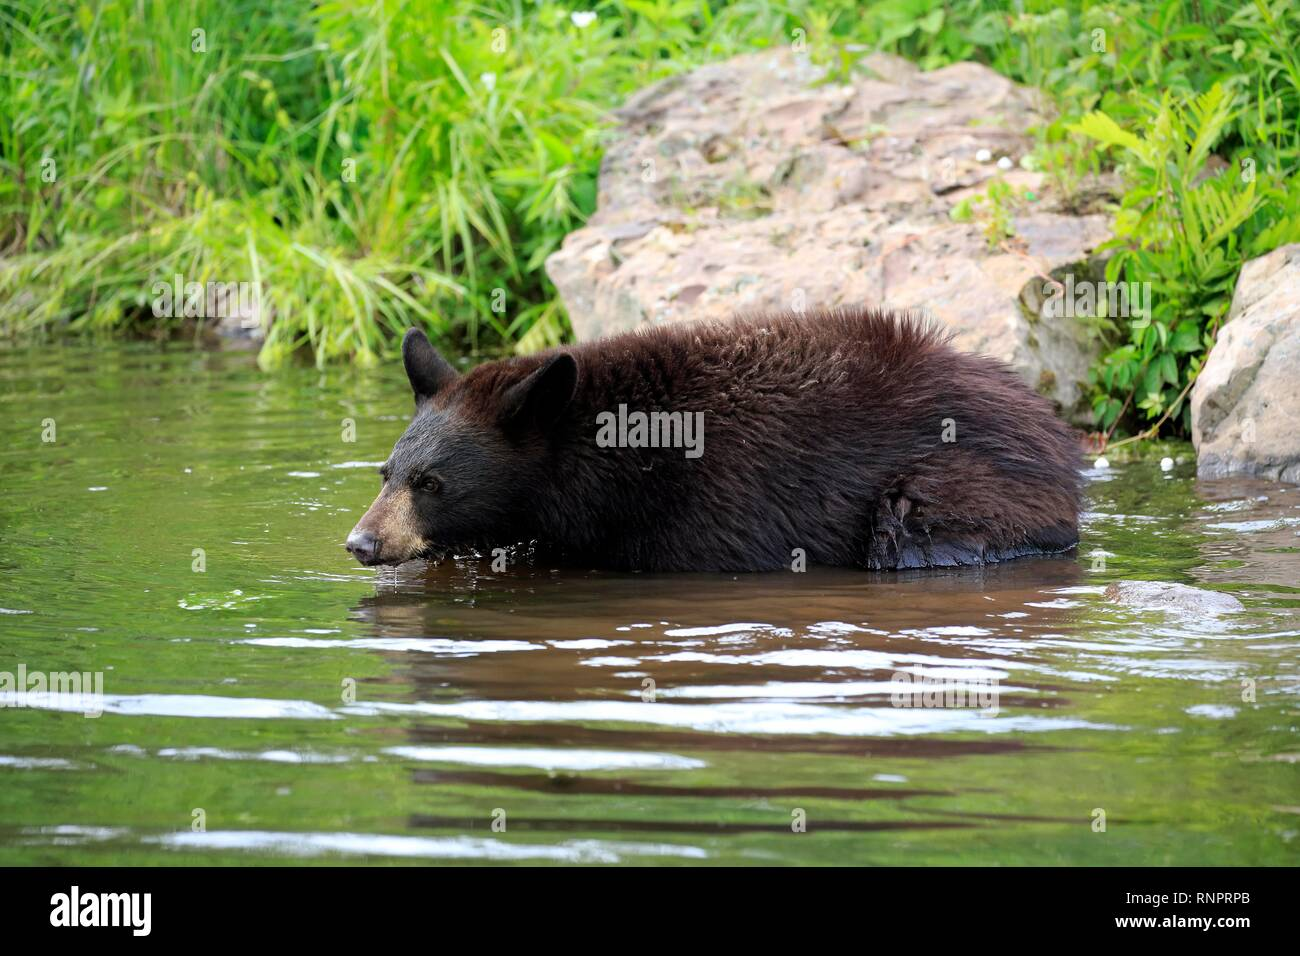 Amerikanischer Schwarzbär (Ursus americanus), junge Tier im Wasser, Pine County, Minnesota, USA Stockfoto